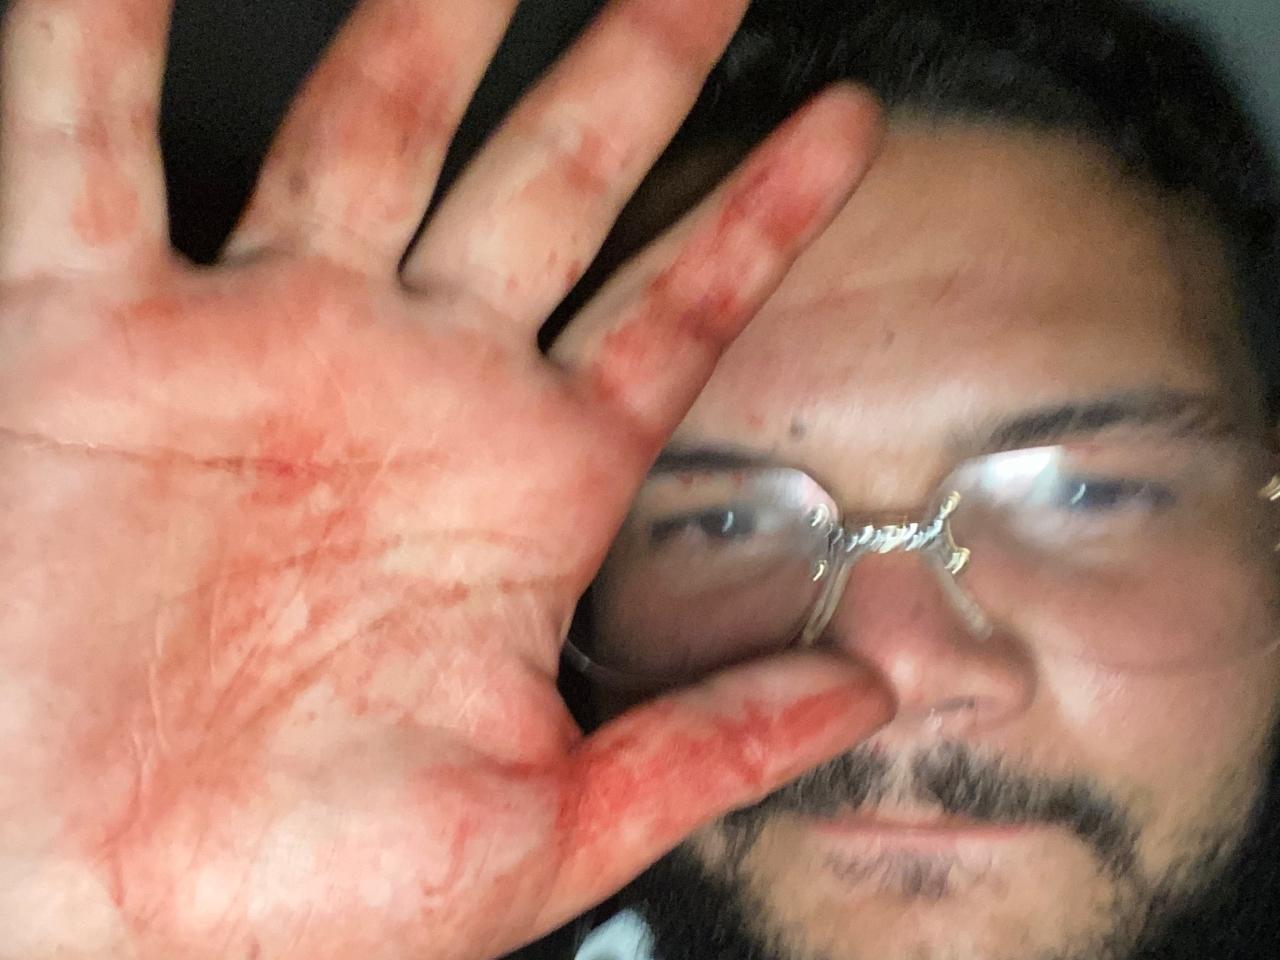 Bassem Braiki lynché par plusieurs individus, le rappeur Sadek revendique l'agression — Vénissieux